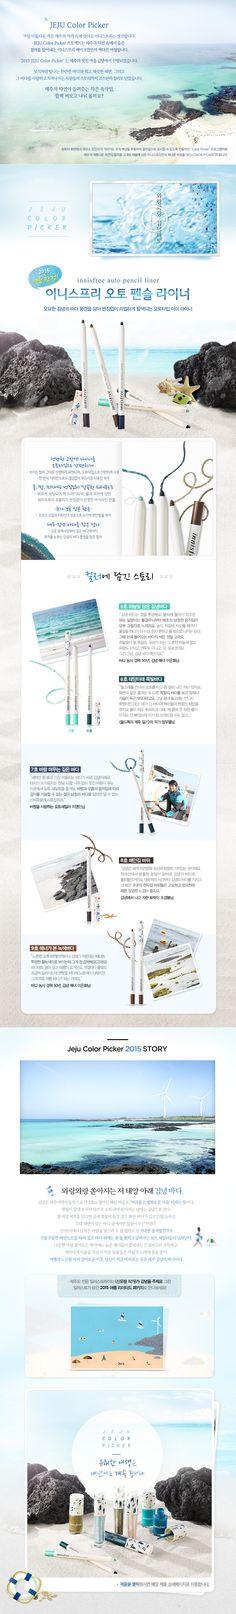 쇼핑하기 > 컬러메이크업 > 아이라이너 | Natural benefit from Jeju, innisfree